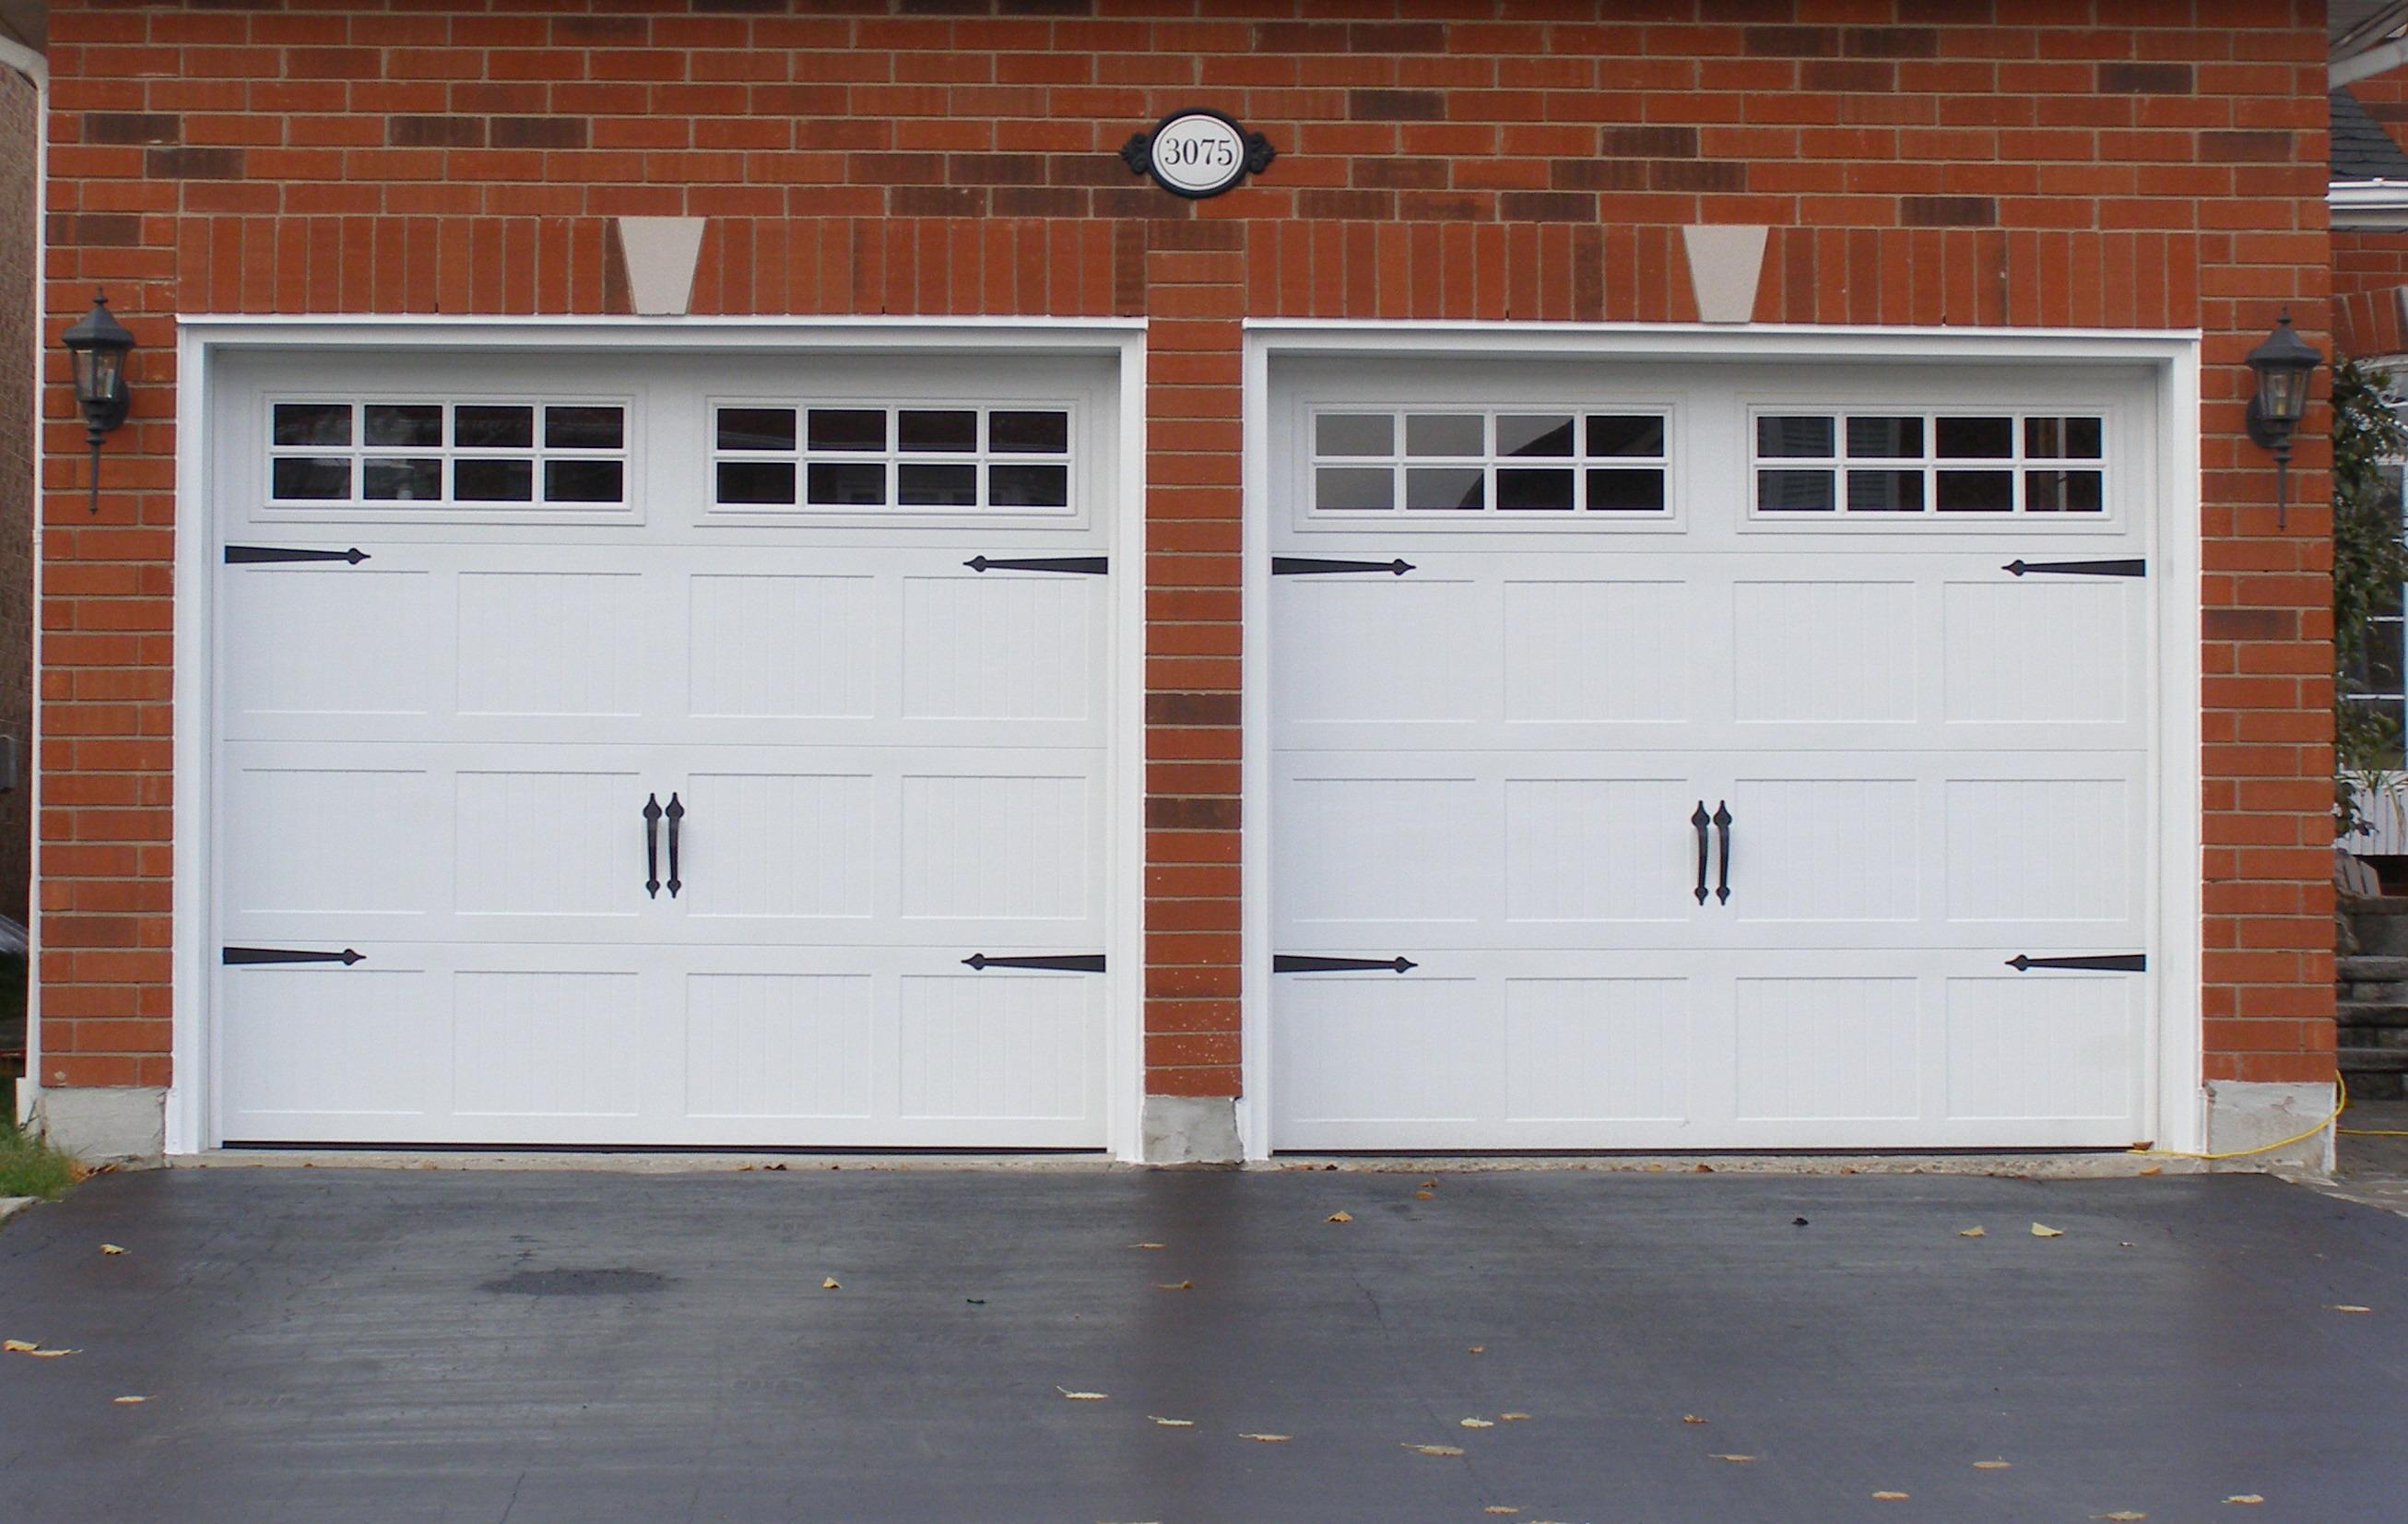 1653 #75402C Modern Garage Doors Garage Door Design.jpg save image Ab Garage Doors 36472612